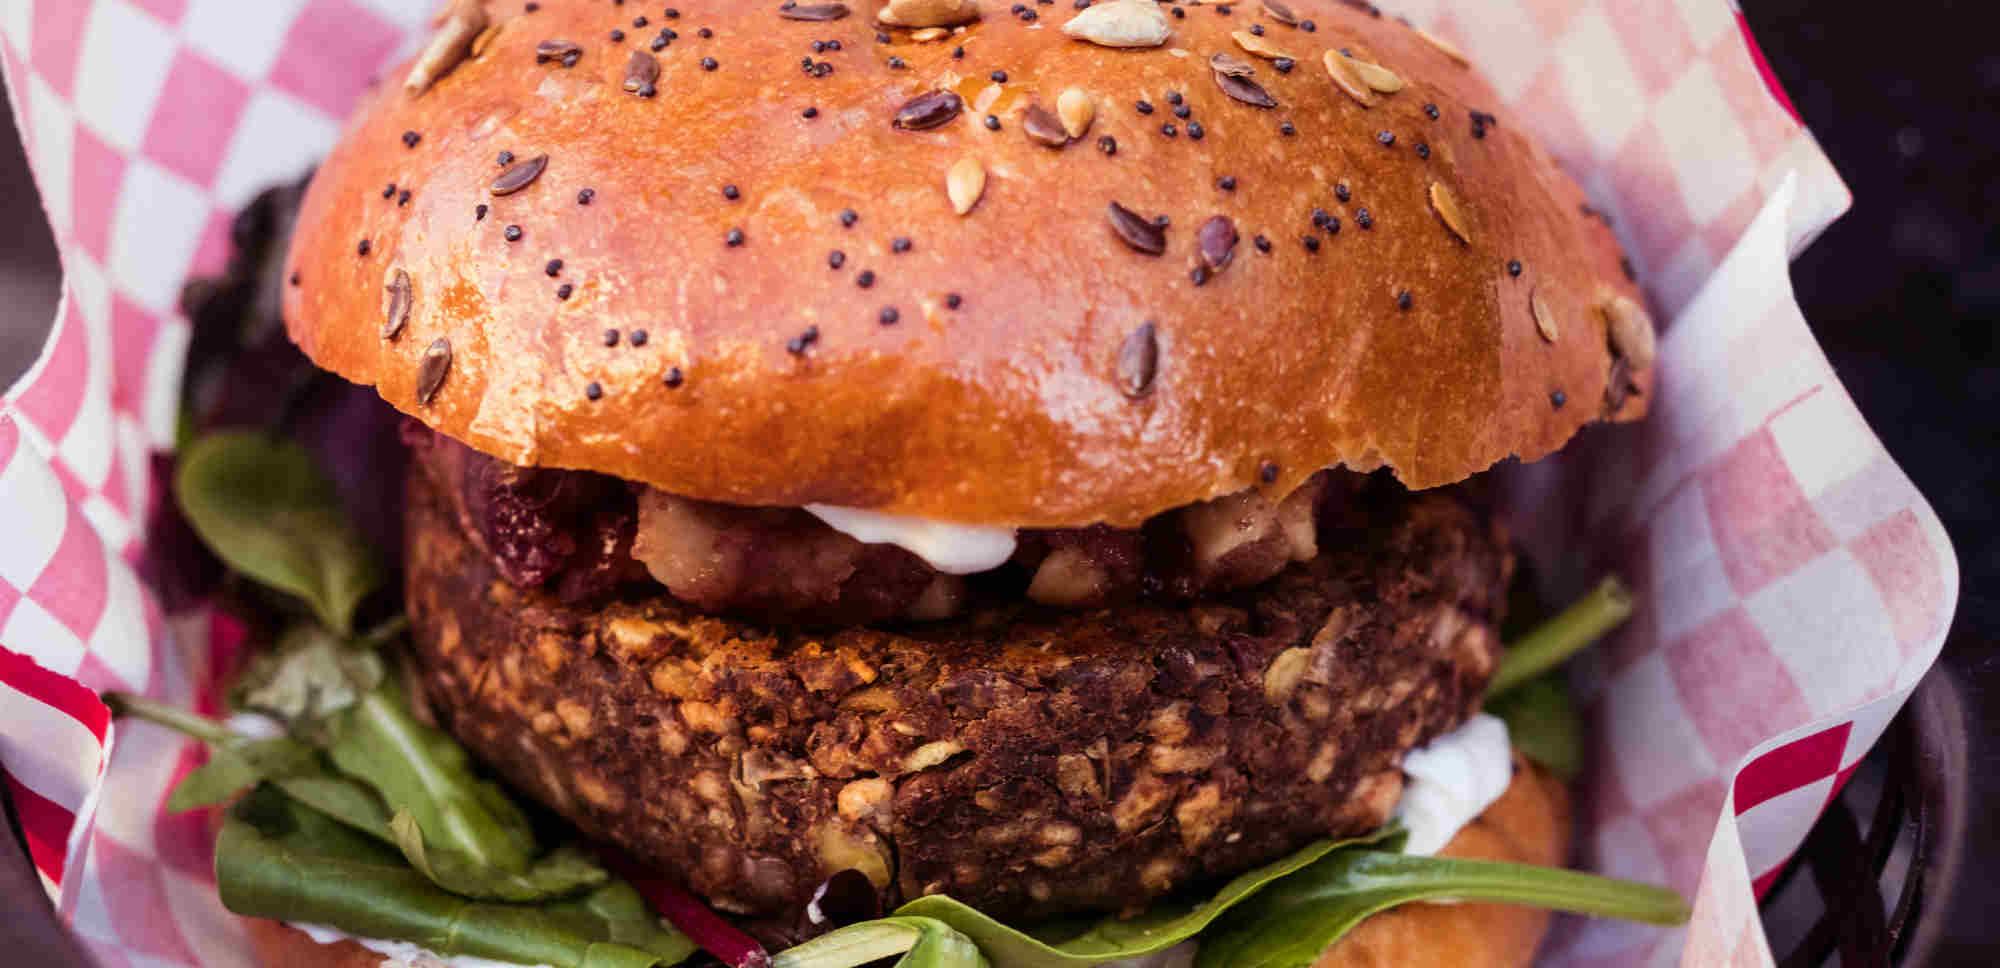 New burger at Mooshies